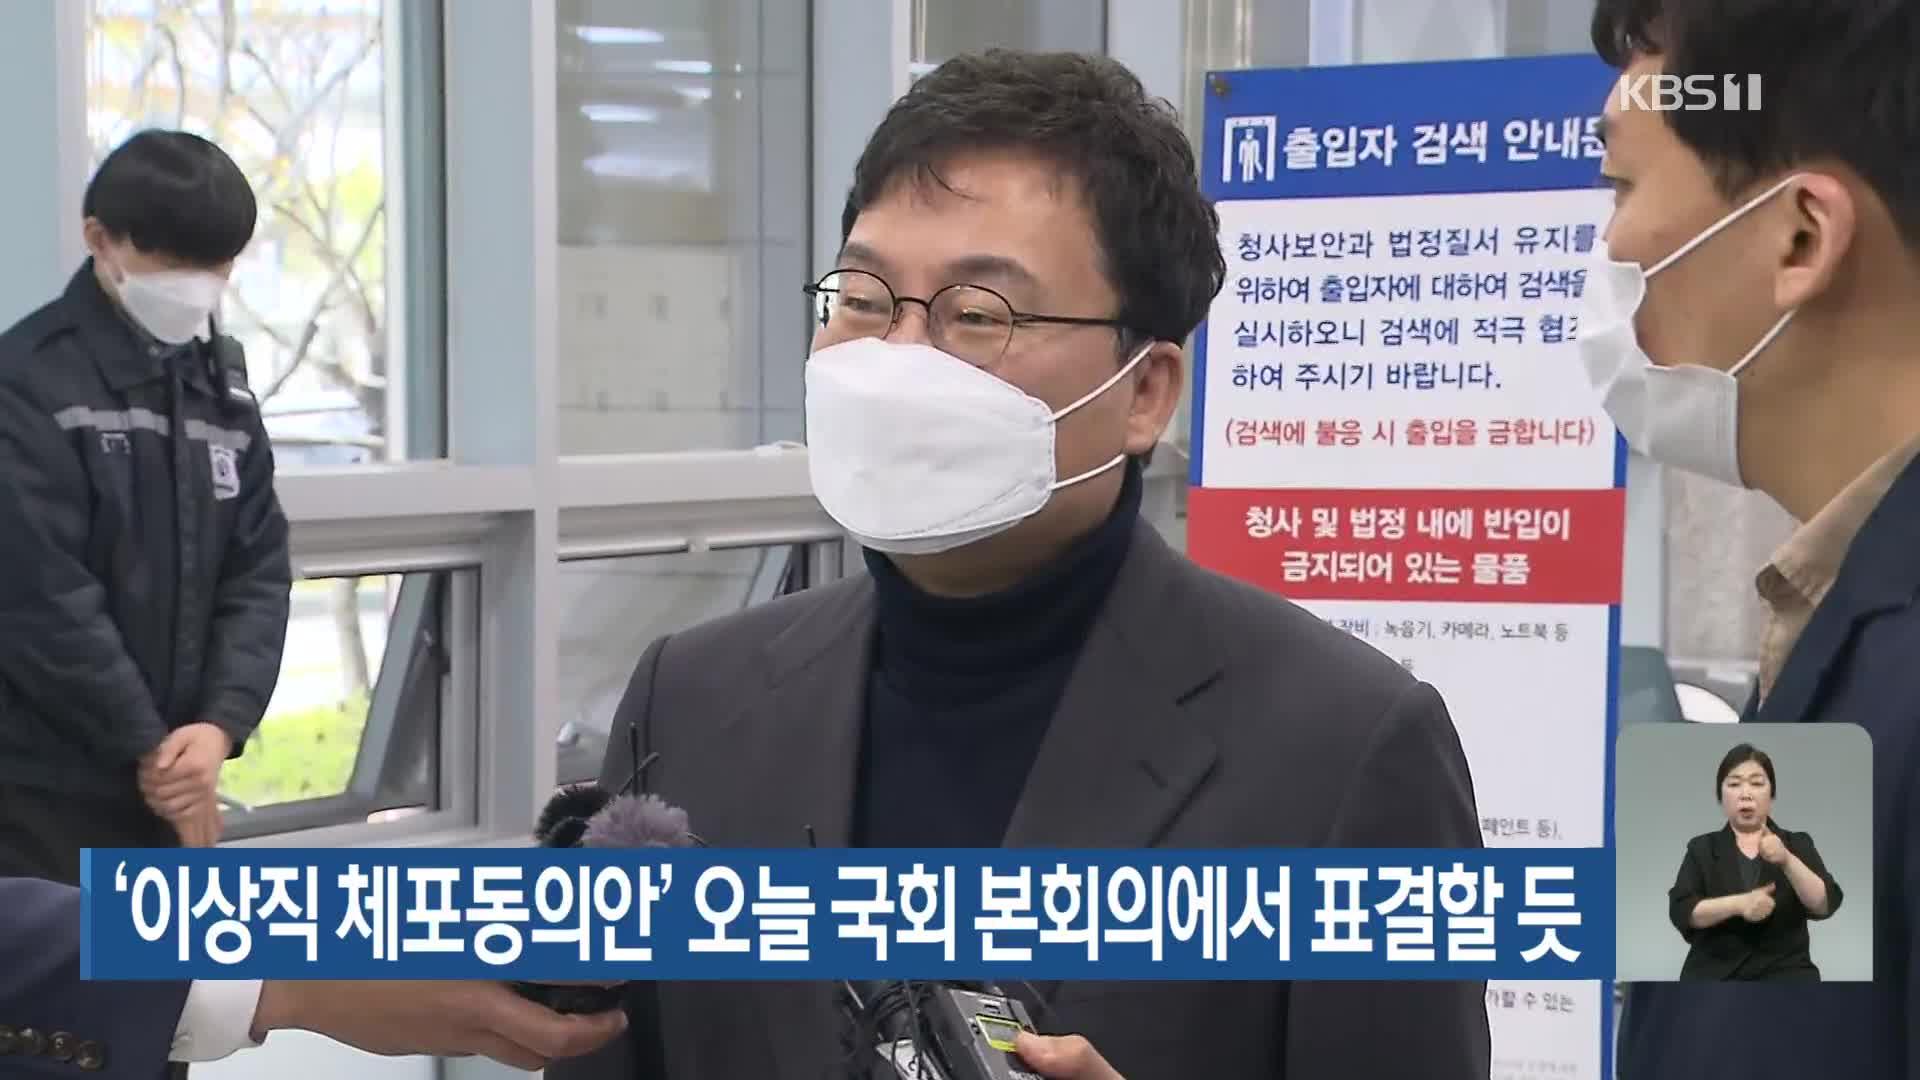 '이상직 체포동의안' 오늘 국회 본회의에서 표결할 듯